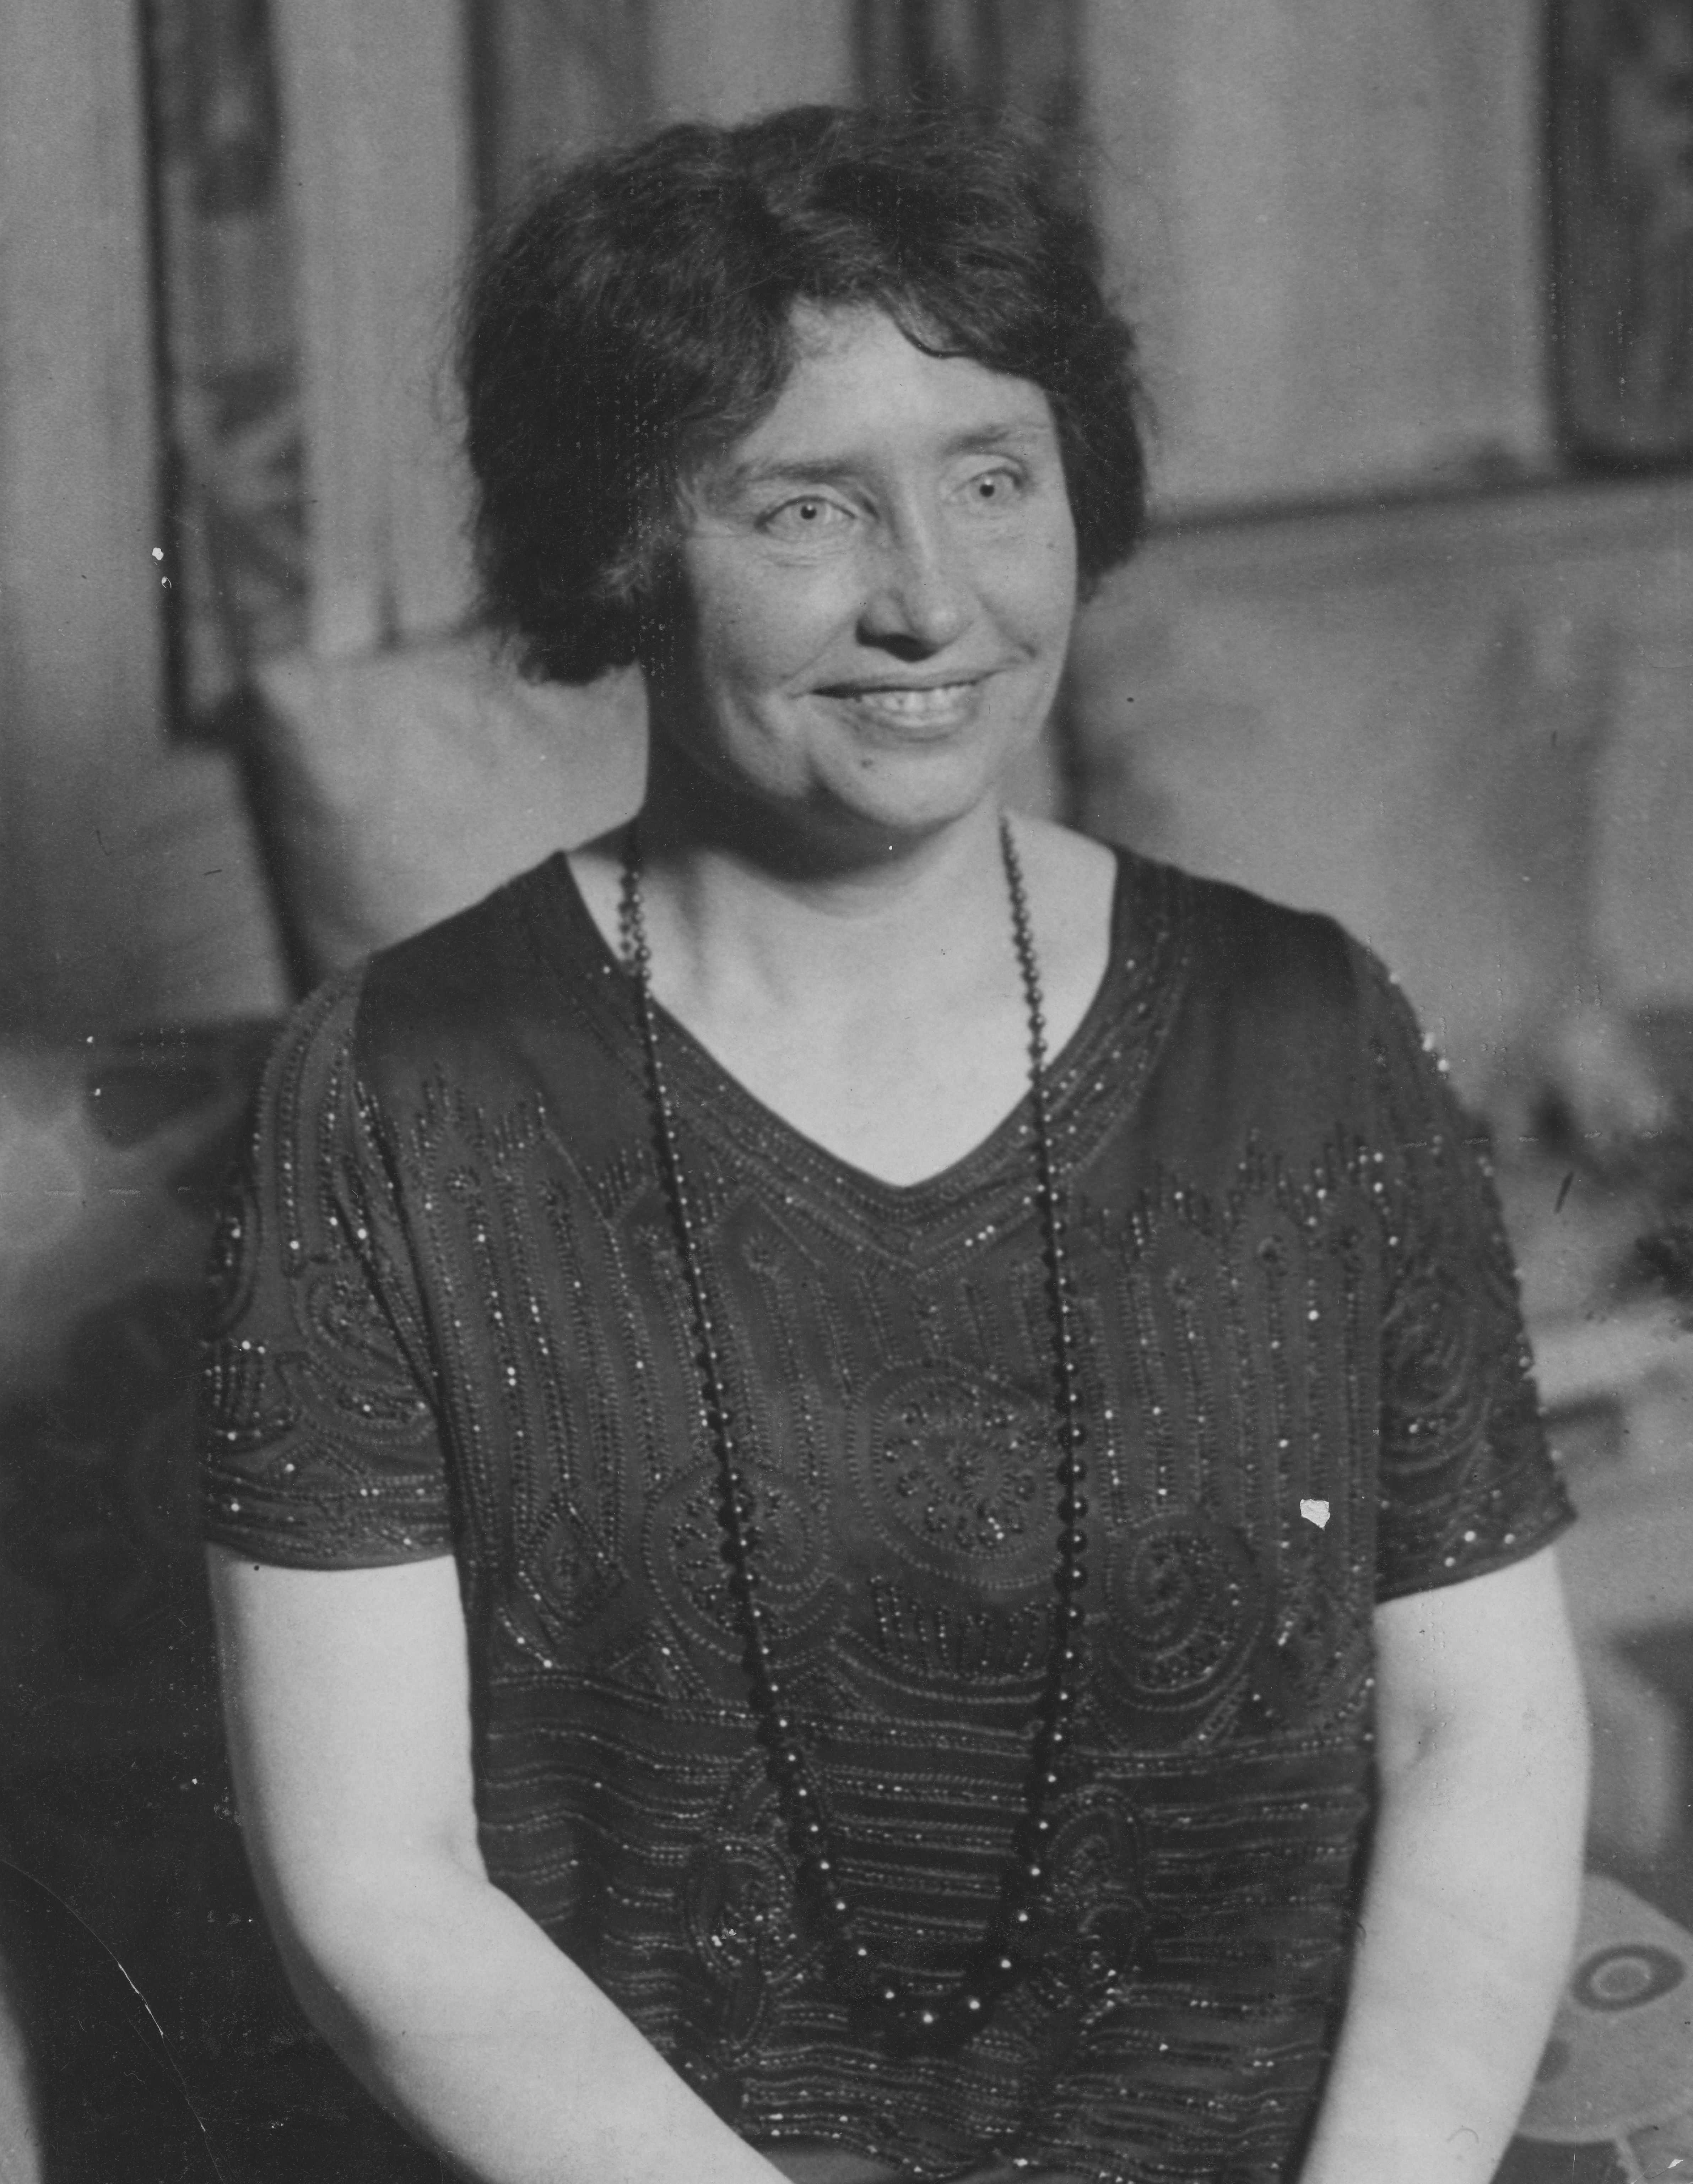 Biography Of The Deaf And Blind Activist Helen Keller